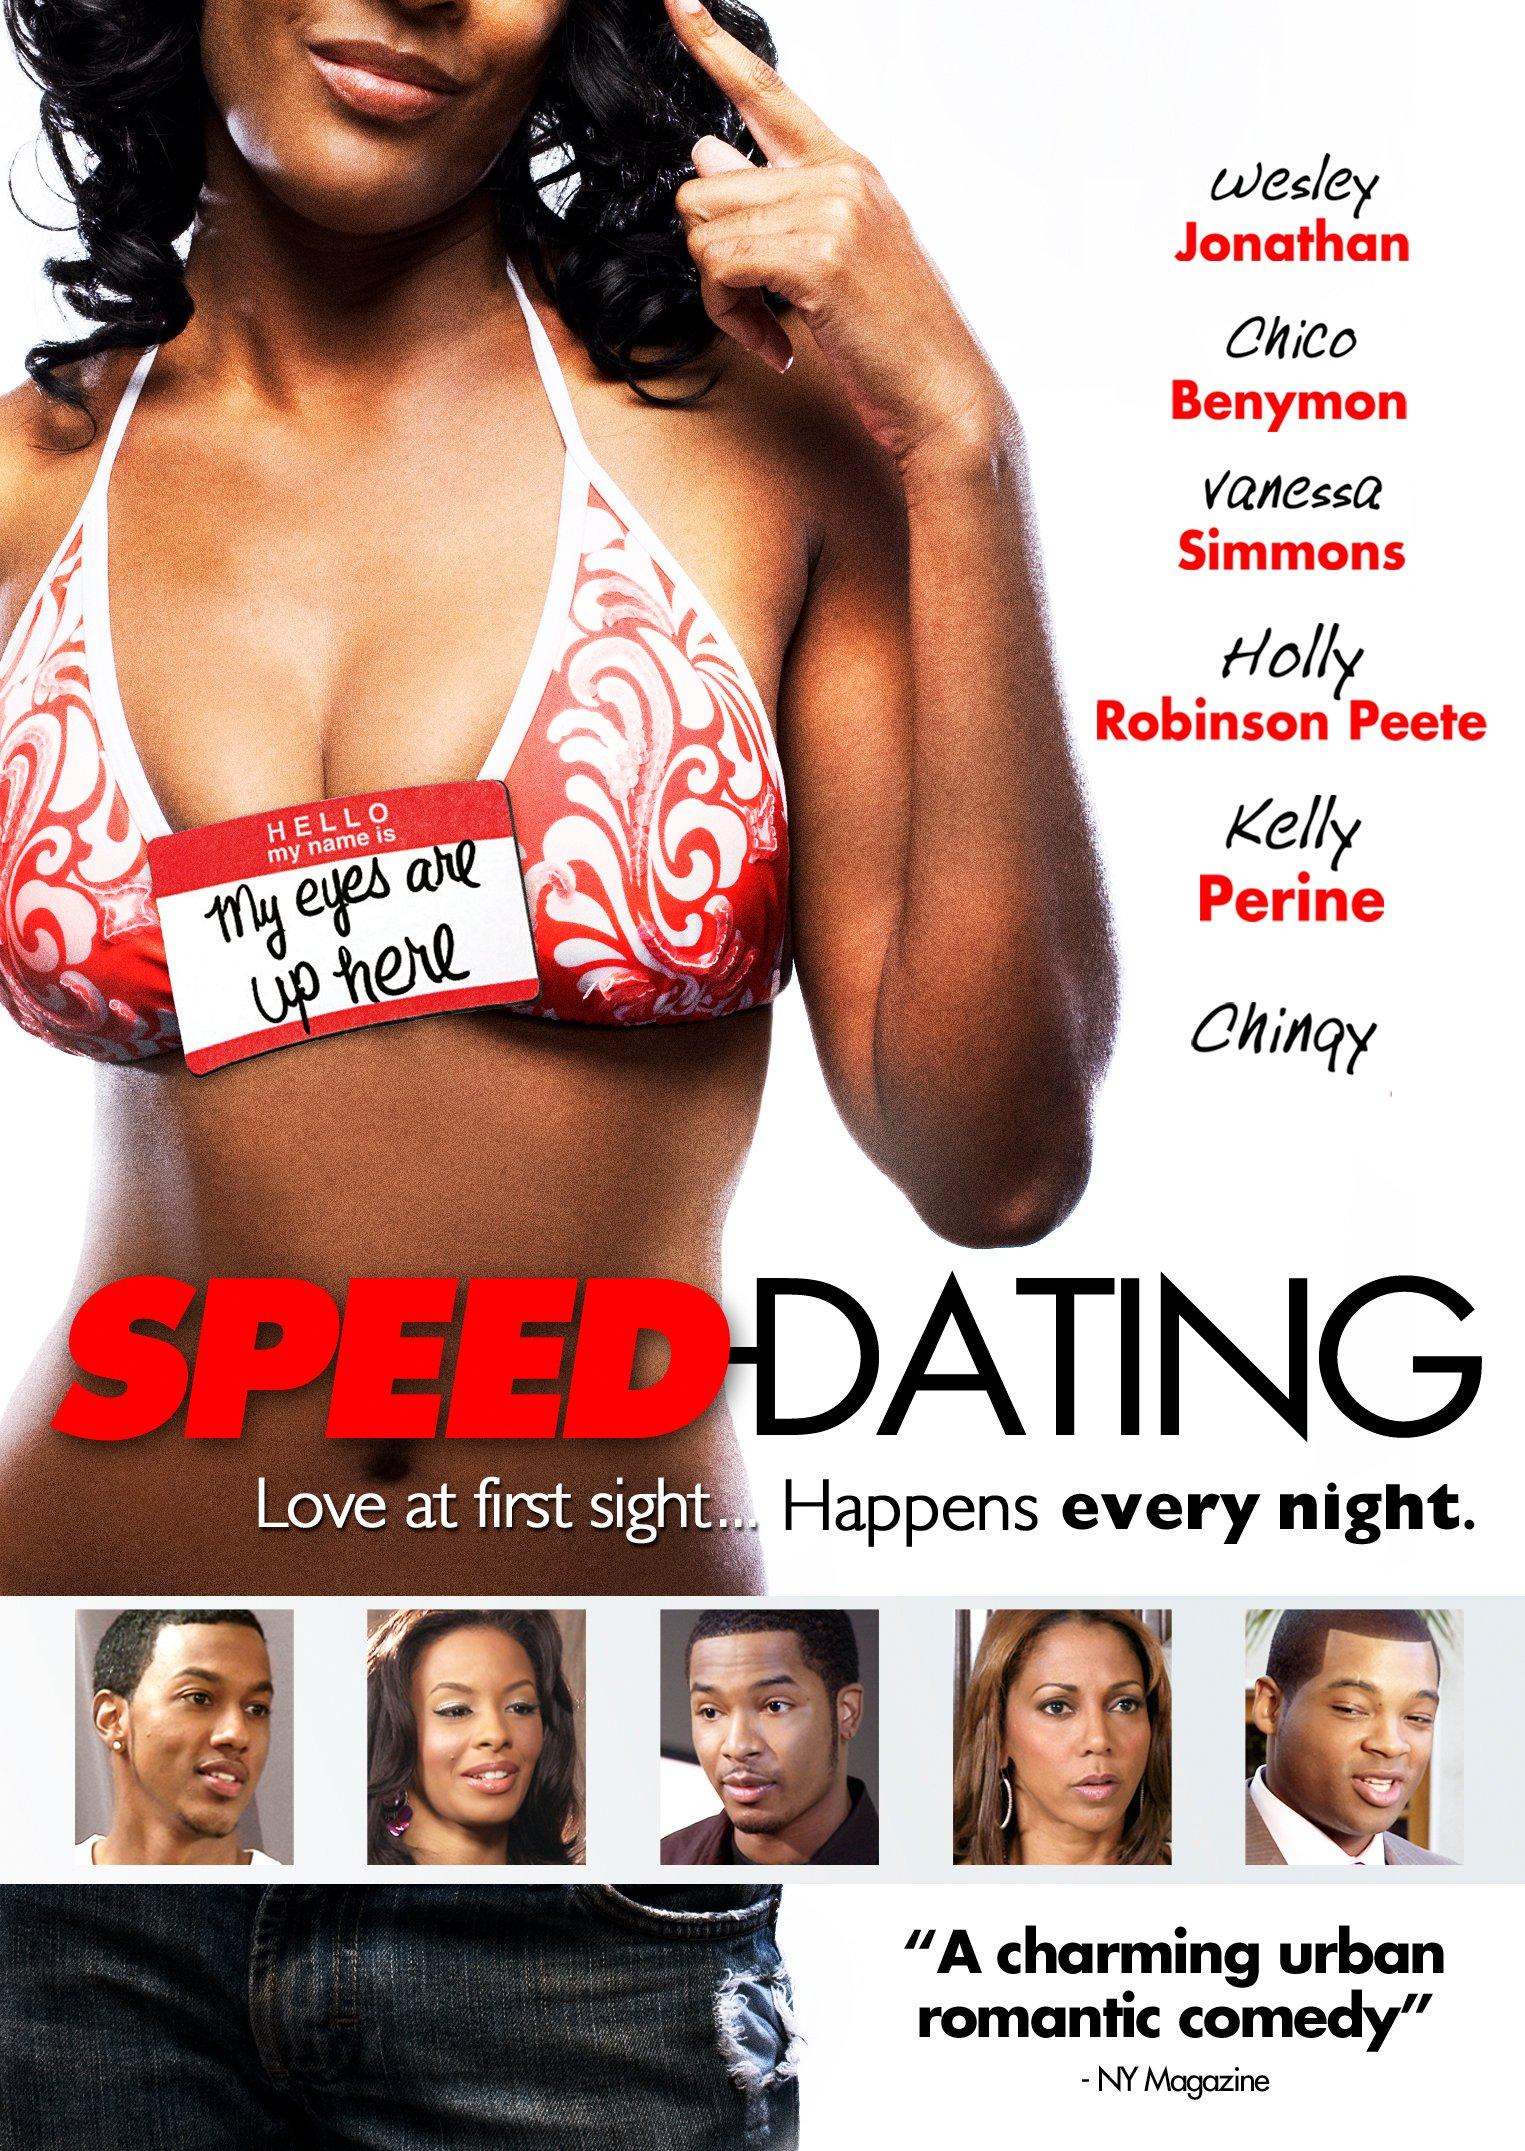 speed dating movie trailer